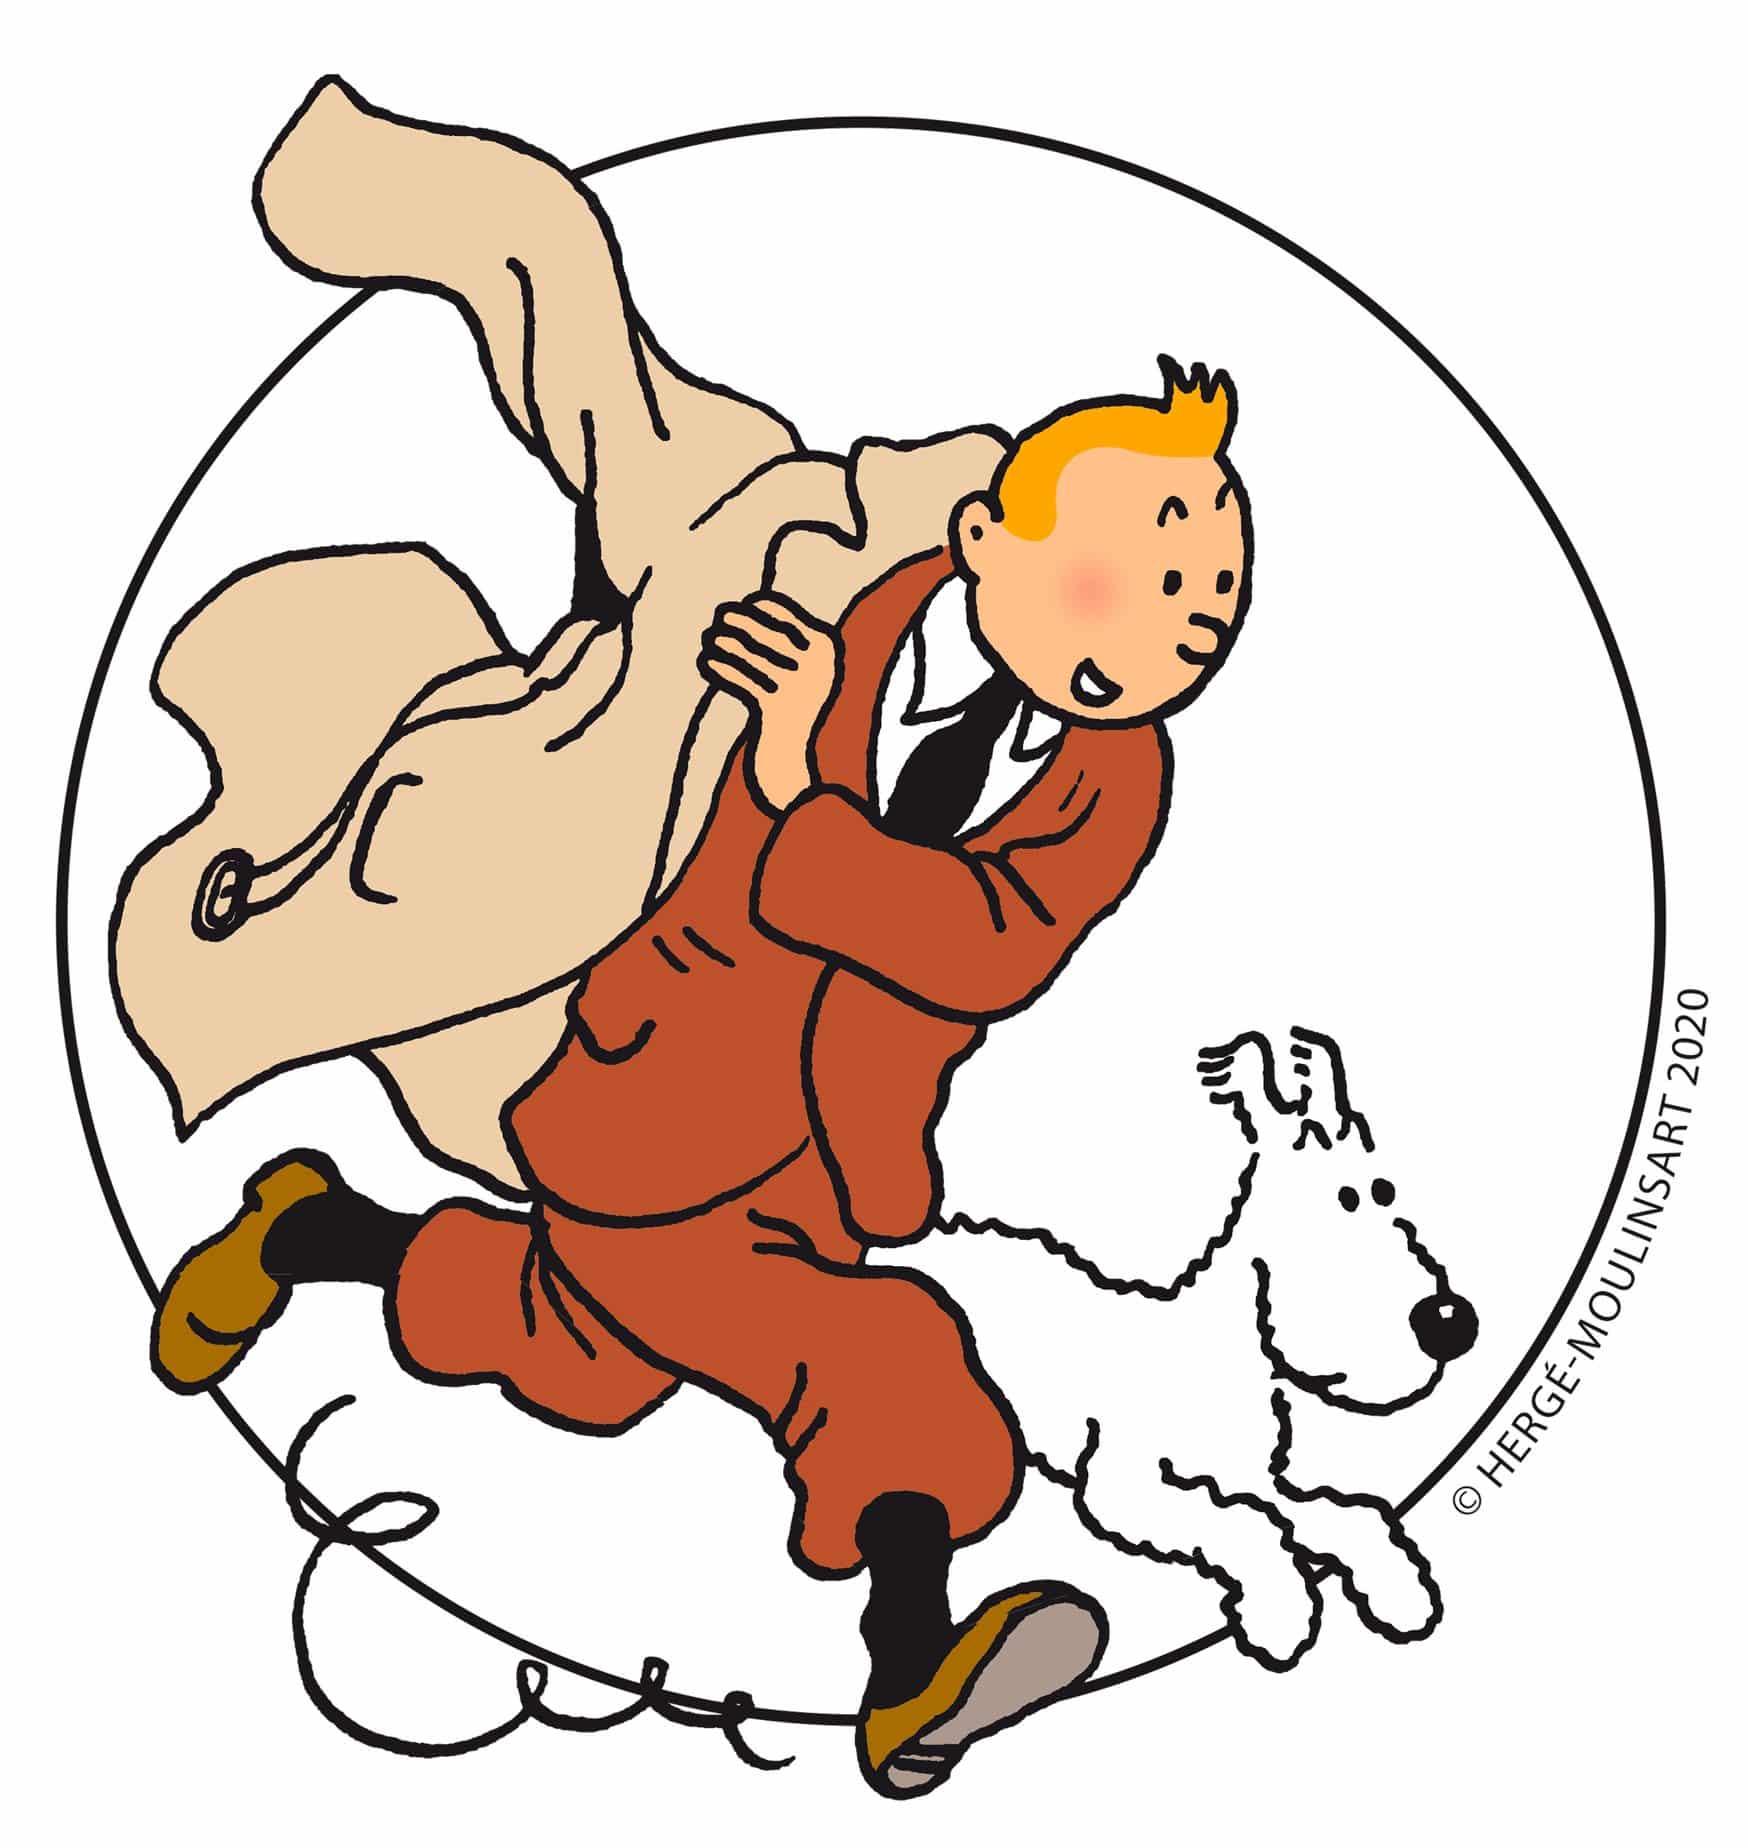 Tintin repart avec Microids et Moulinsart pour un nouveau jeu vidéo